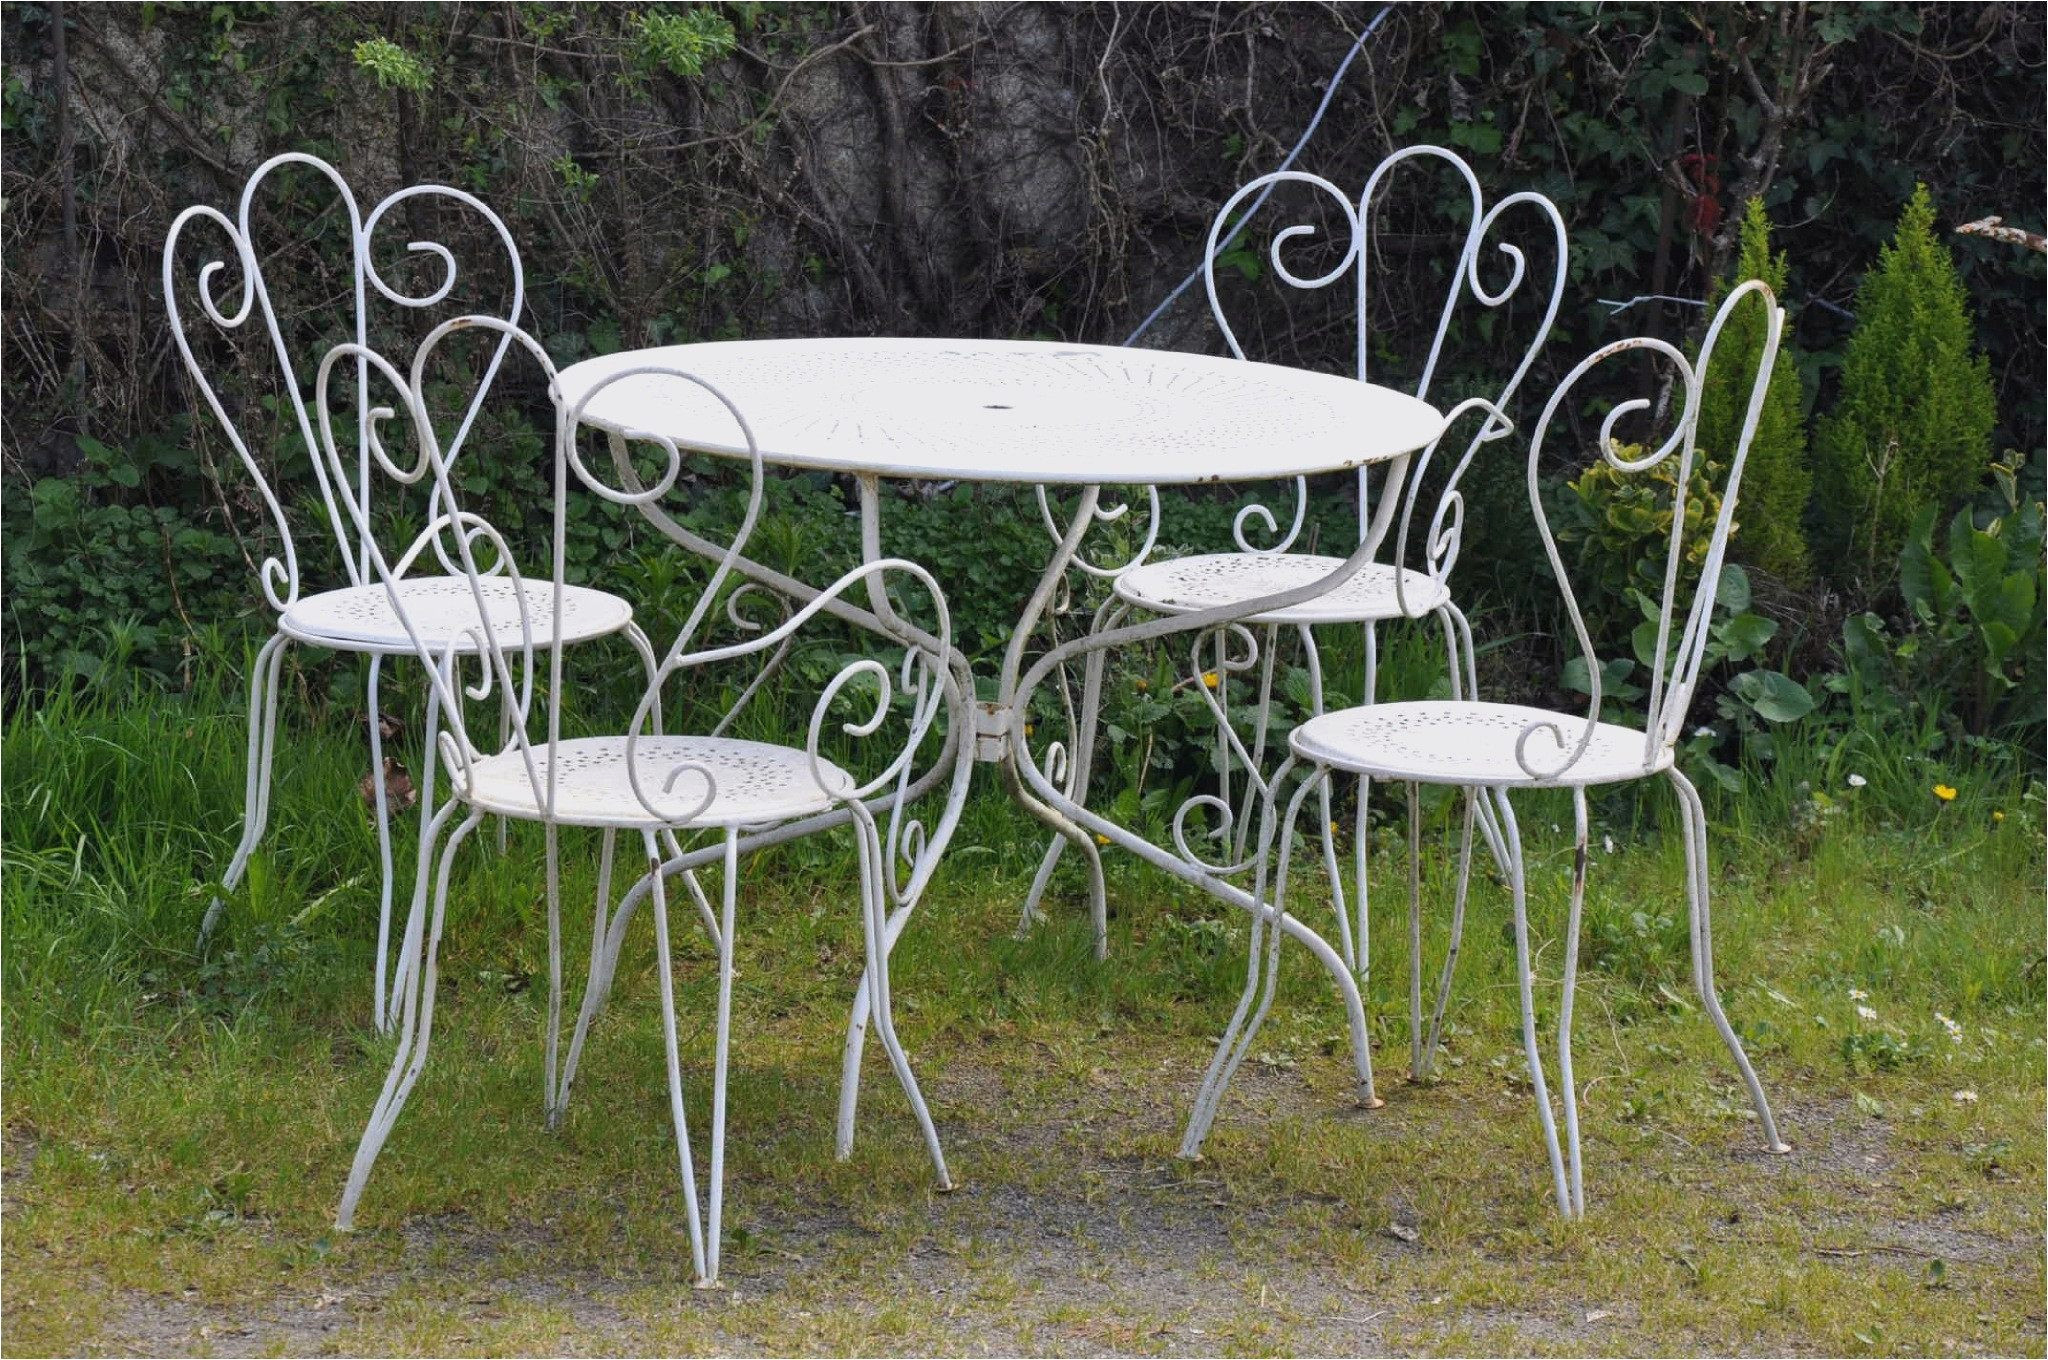 balancelle de jardin leclerc frais leclerc meuble basse goulaine 67 des idees leclerc meuble basse of balancelle de jardin leclerc